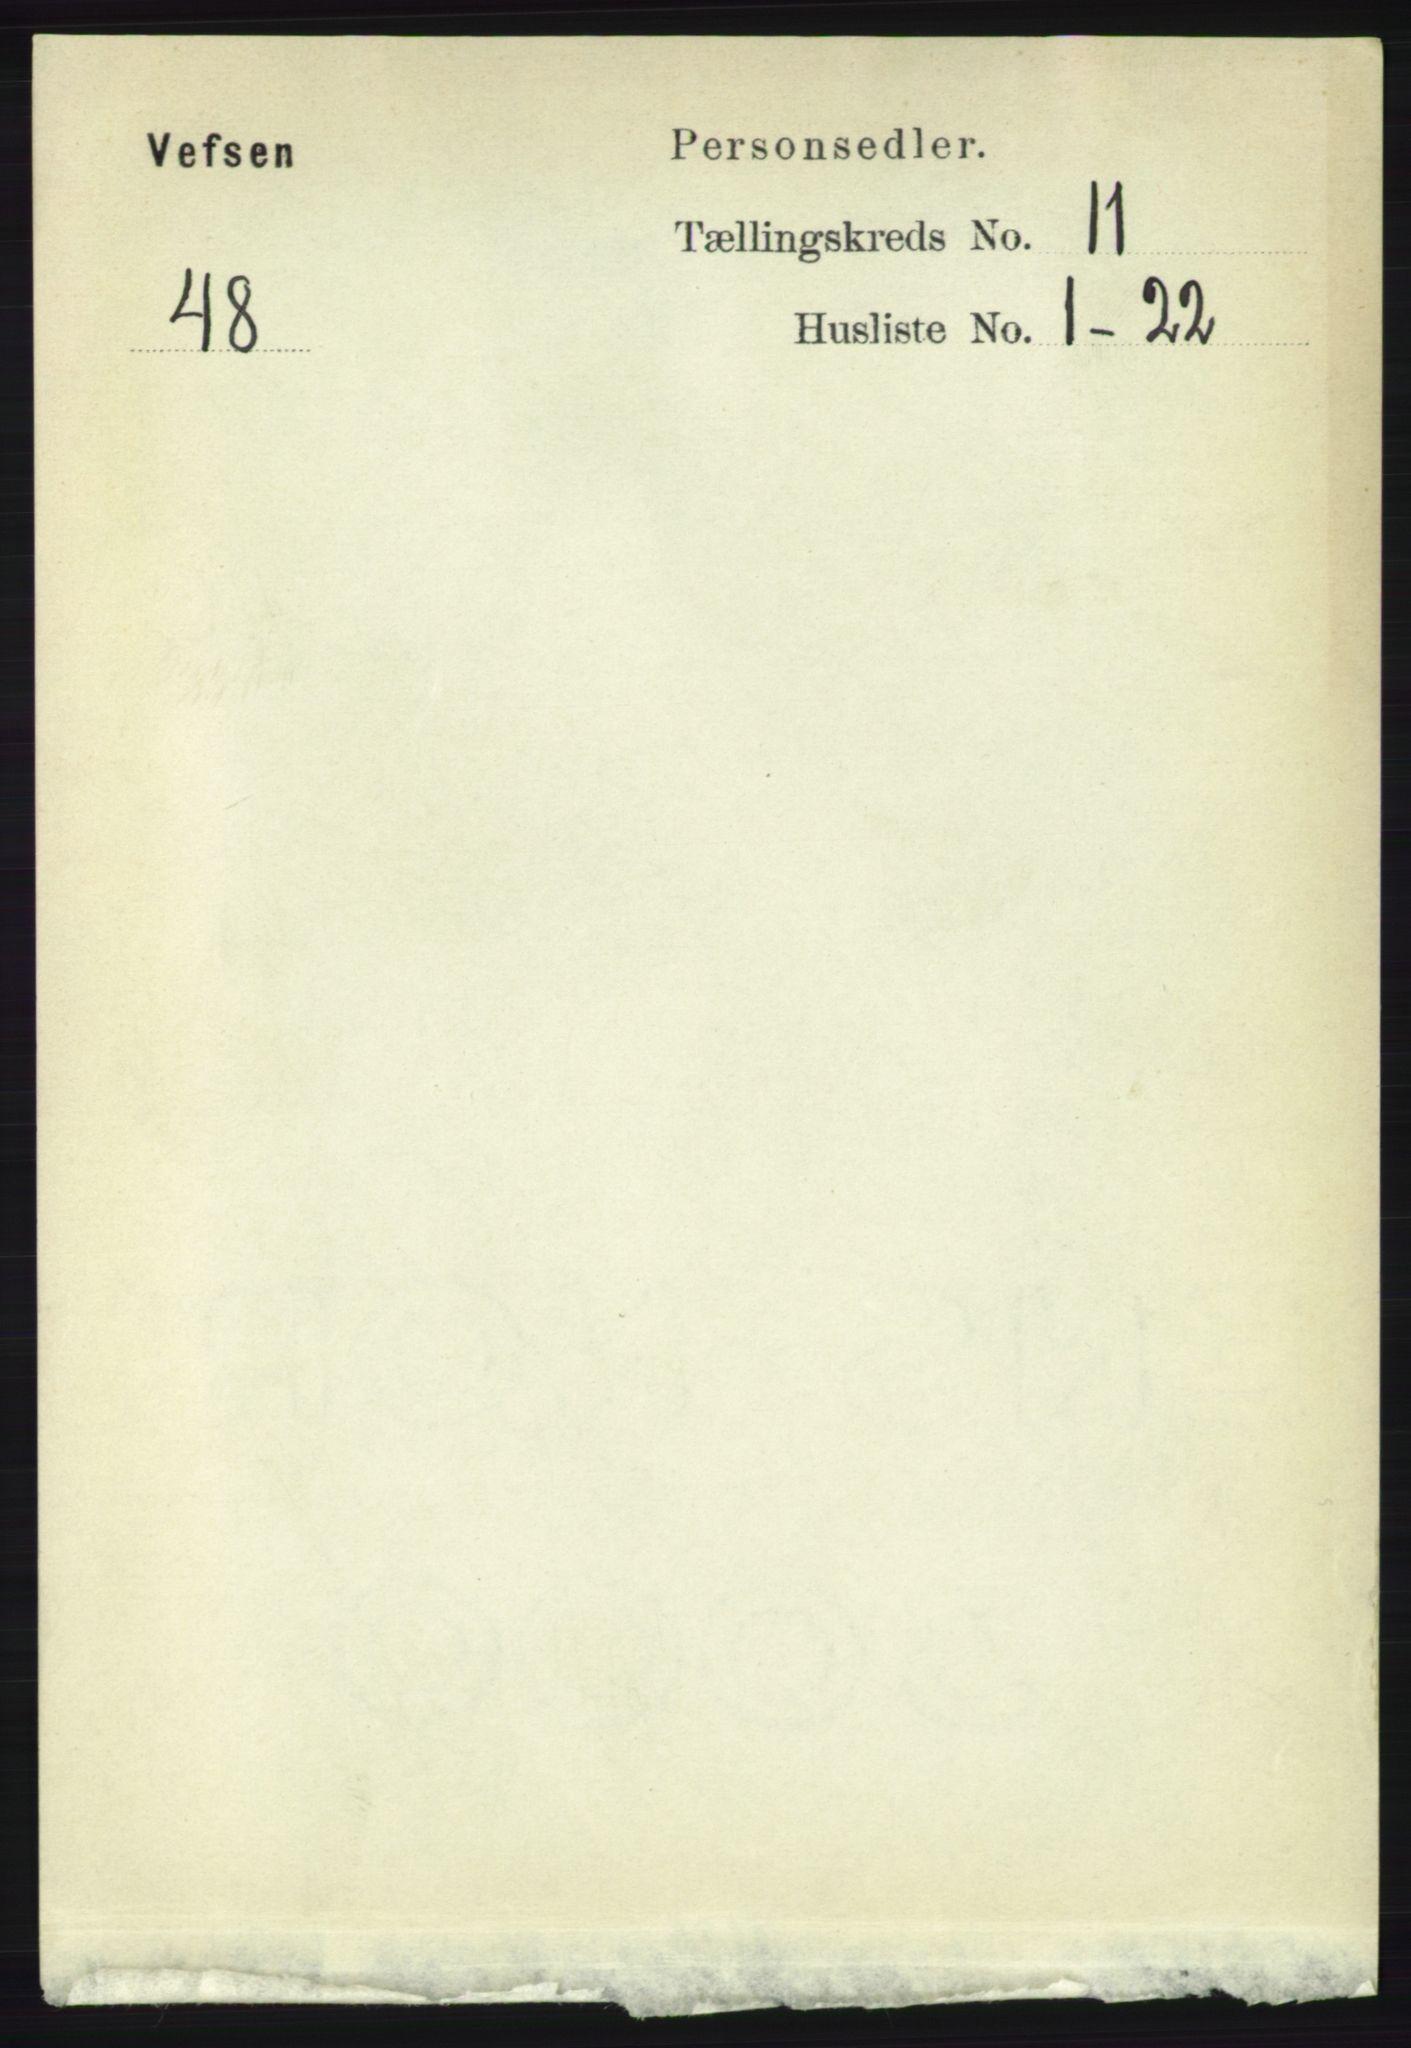 RA, Folketelling 1891 for 1824 Vefsn herred, 1891, s. 5663